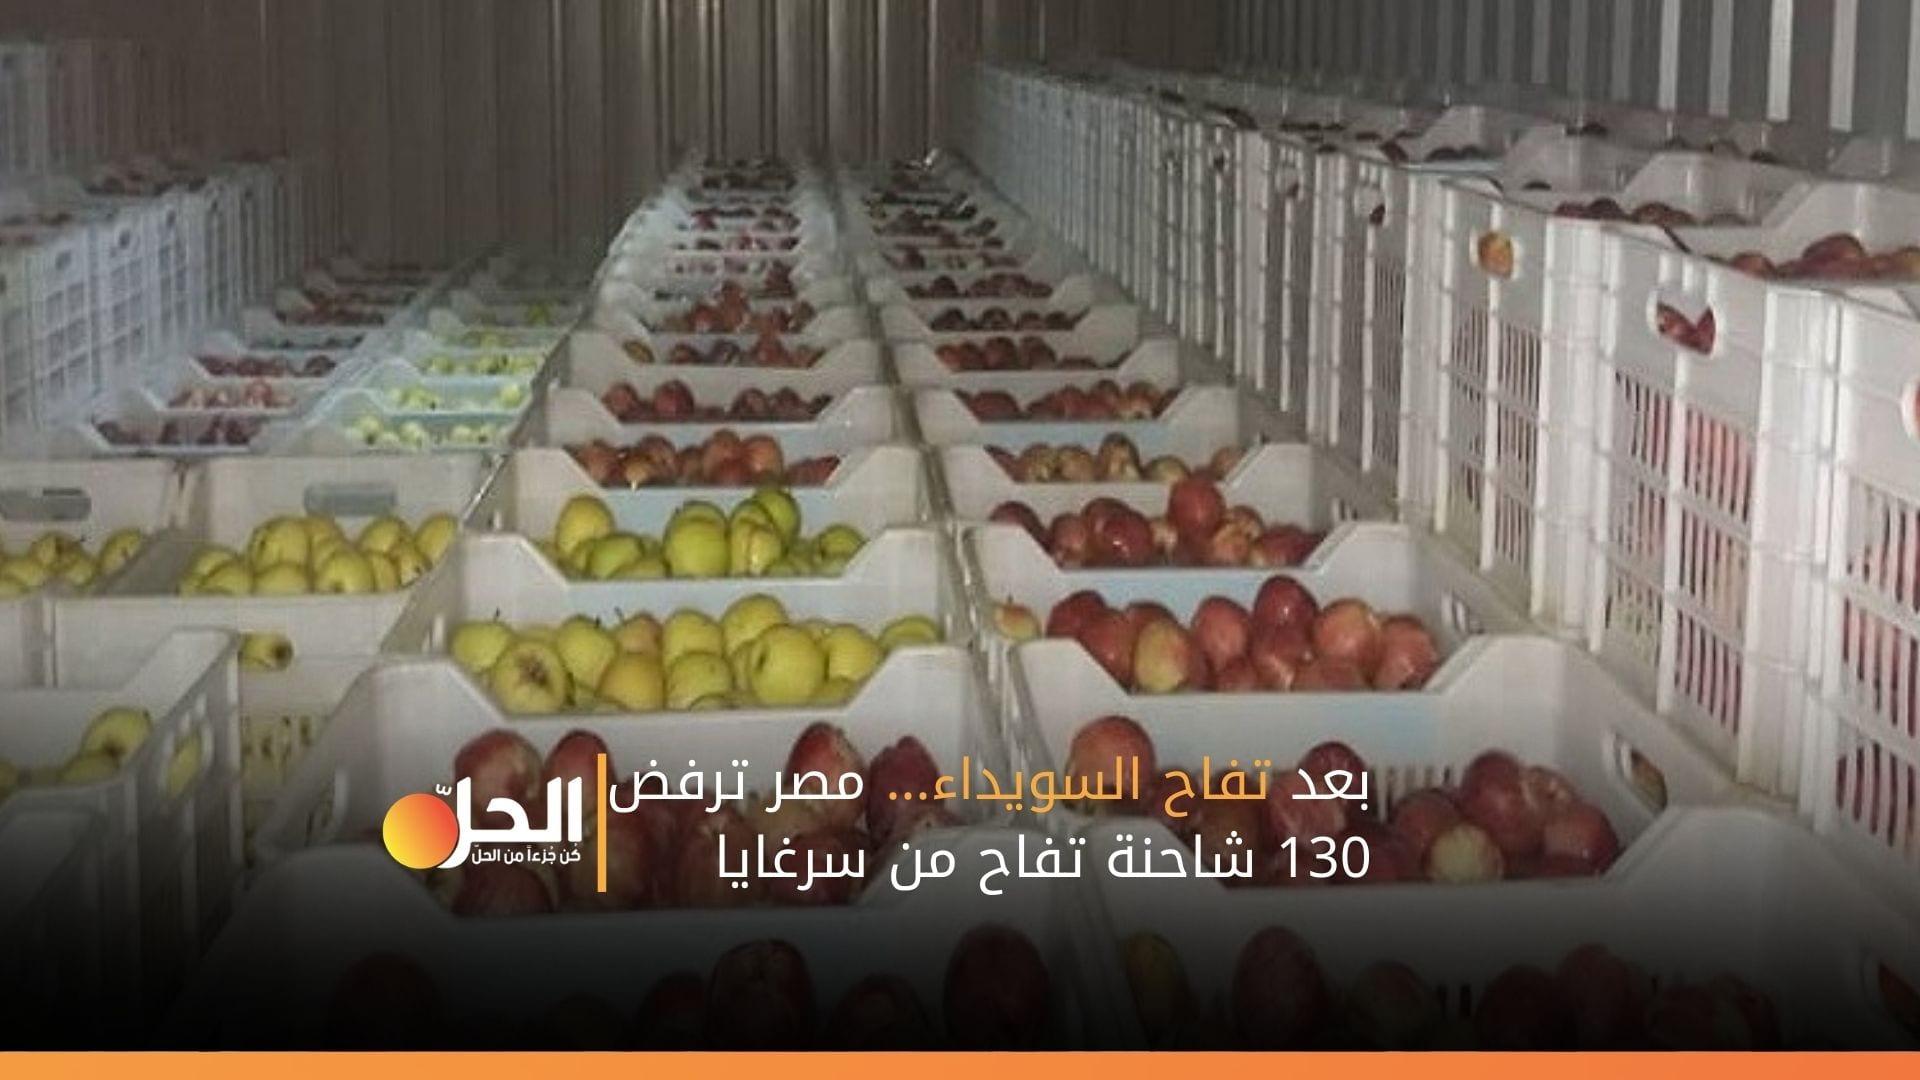 بعد تفاح السويداء… مصر ترفض 130 شاحنة تفاح من سرغايا